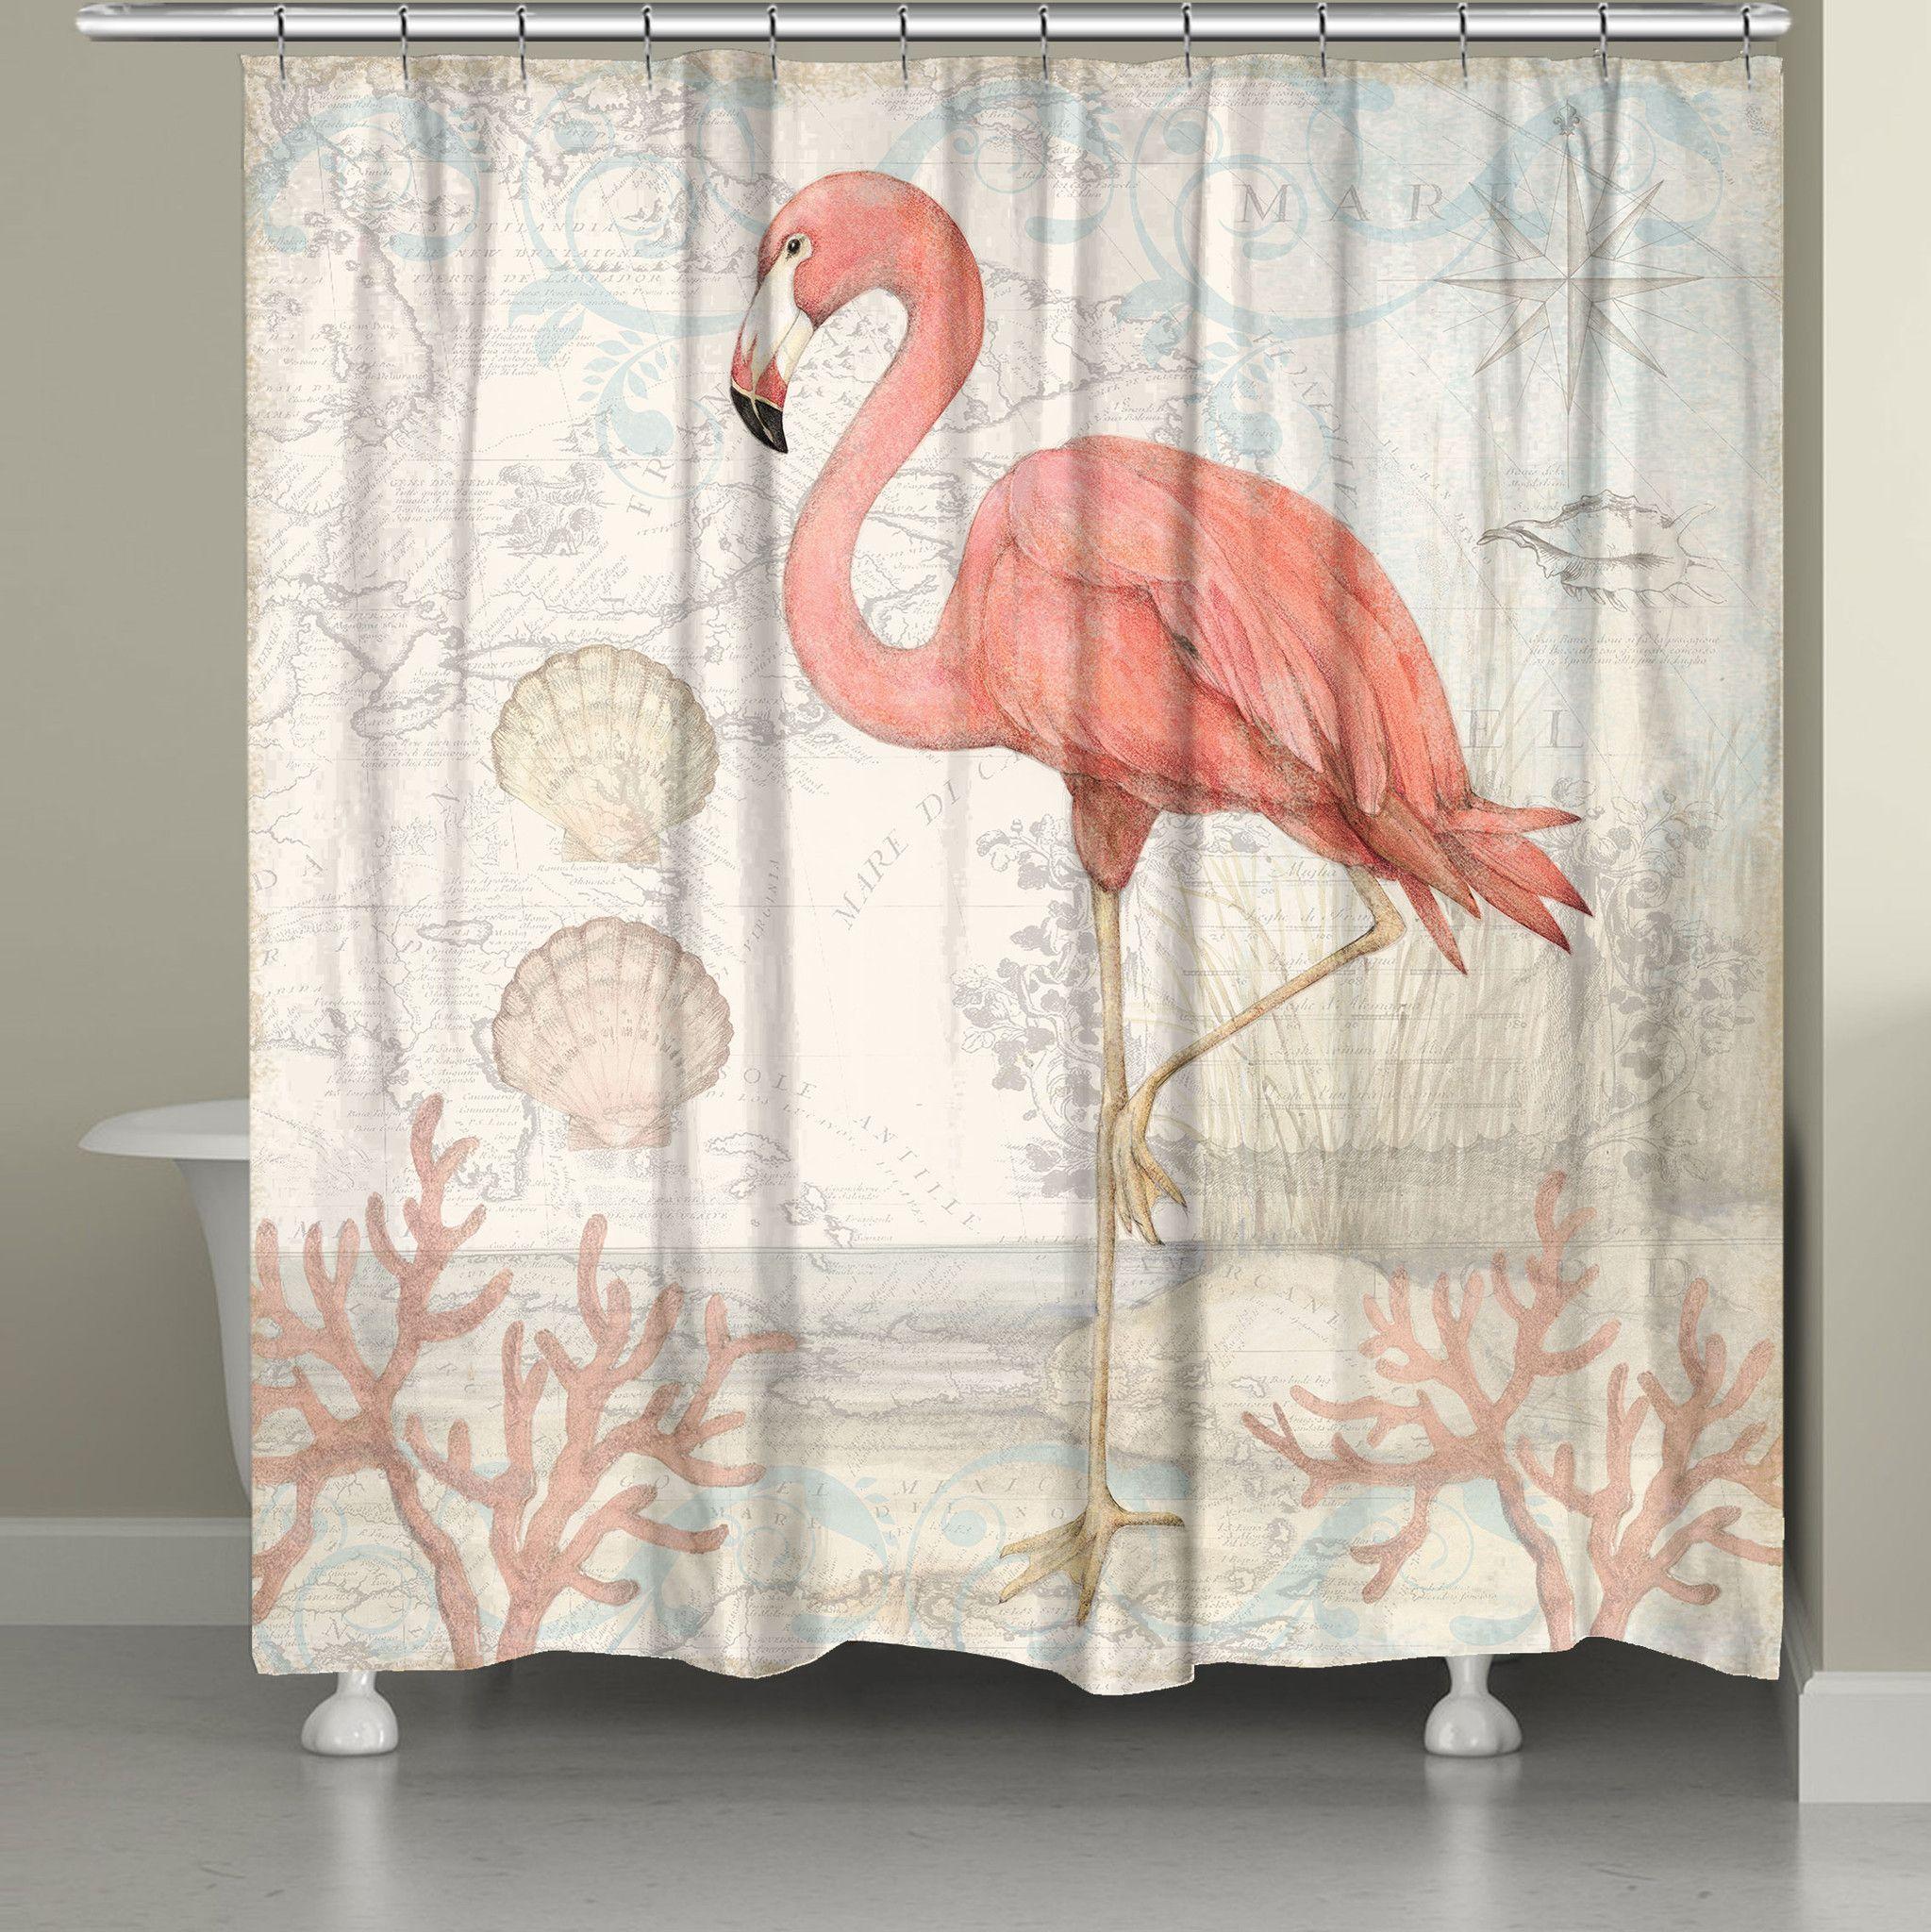 Flamingo bathroom decor - Flamingo